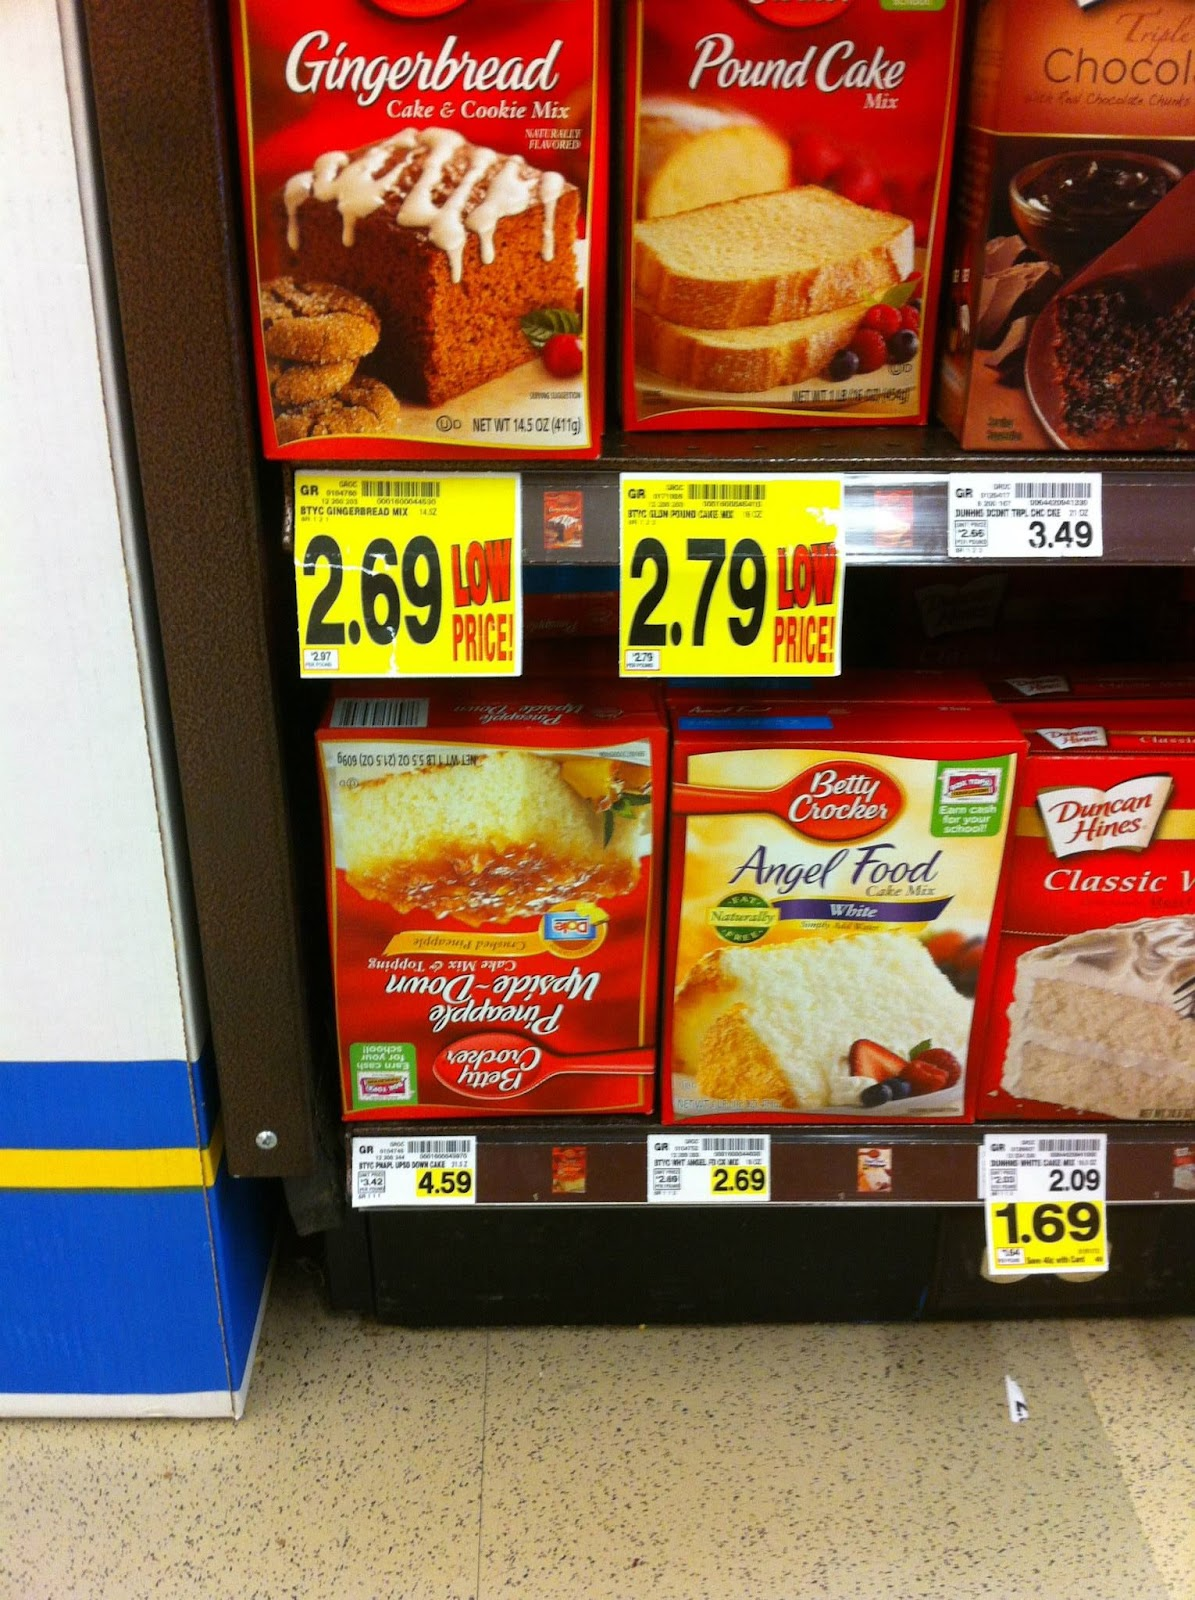 2012-03-29 - Walmart Supercenter - Anaheim, CA440 N. Euclid St., Anaheim, CA 92801